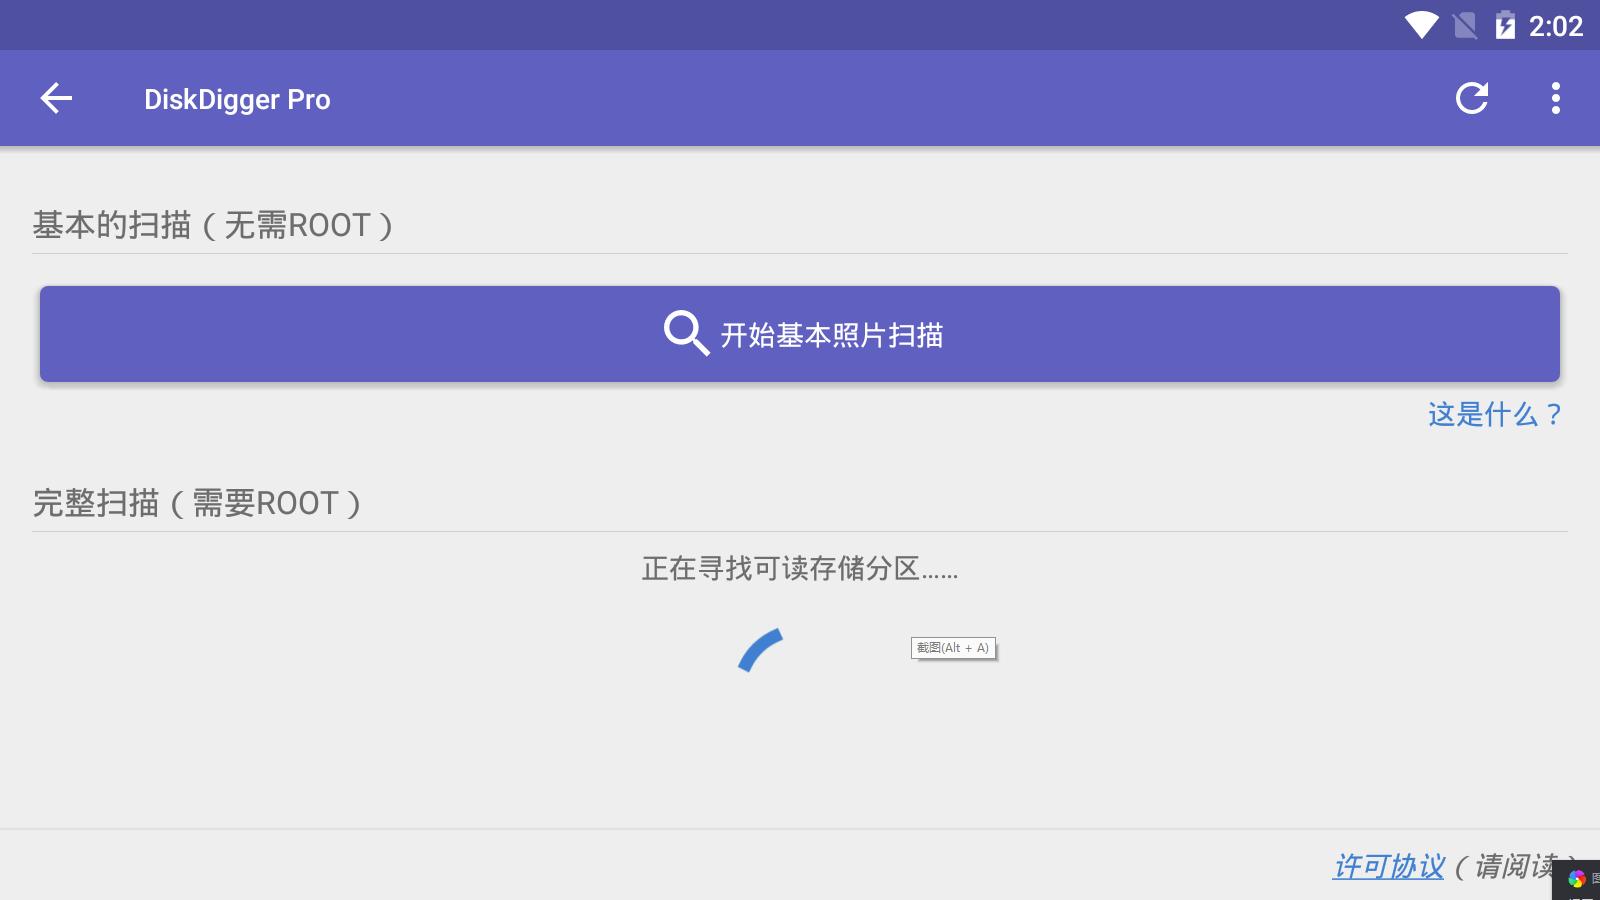 diskdigger pro中文版